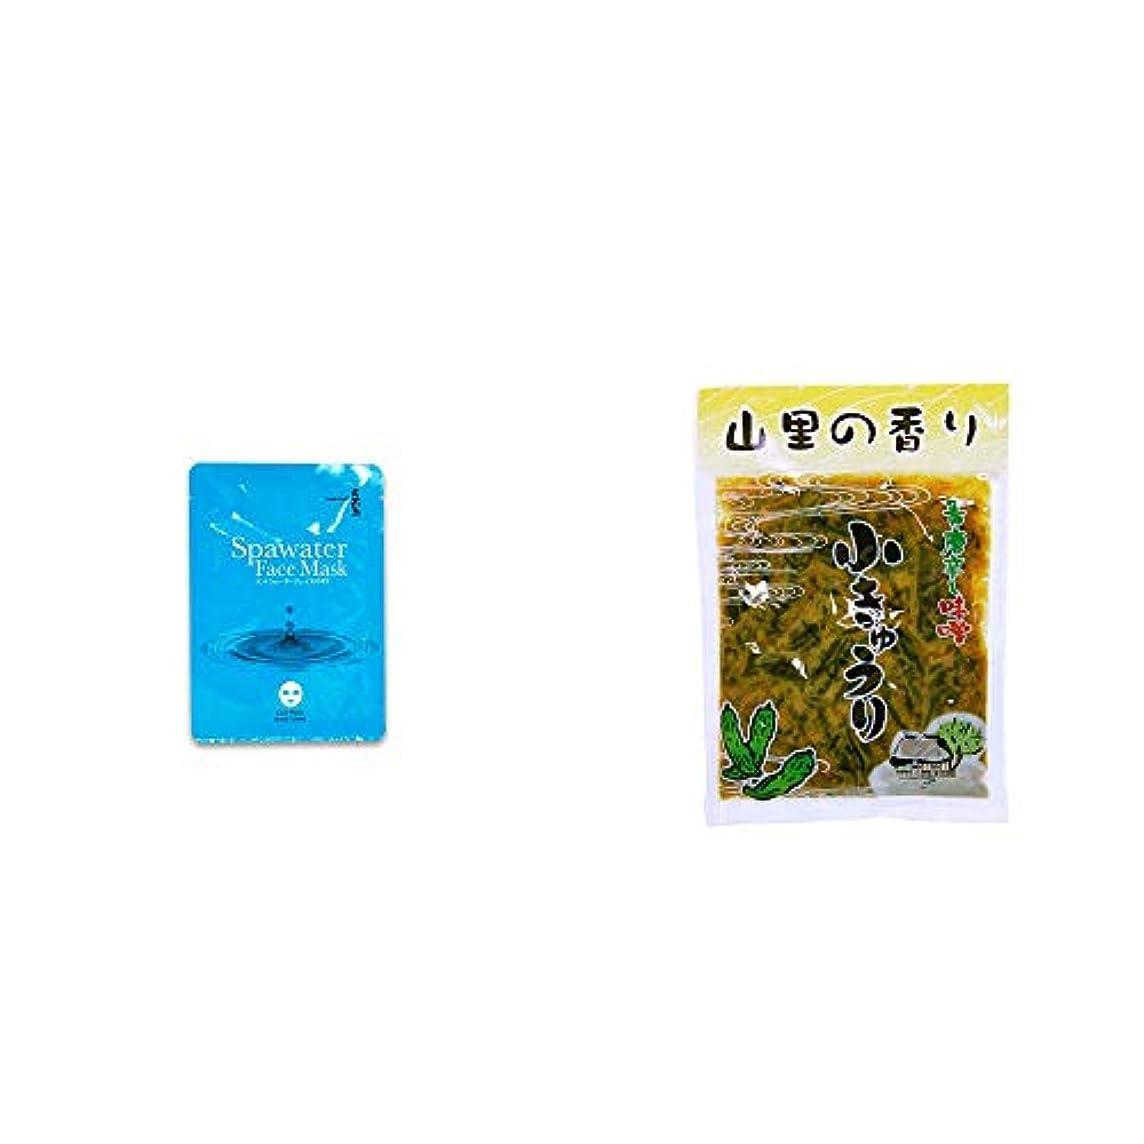 セレナ灰ブラスト[2点セット] ひのき炭黒泉 スパウォーターフェイスマスク(18ml×3枚入)?山里の香り 青唐辛し味噌 小きゅうり(250g)